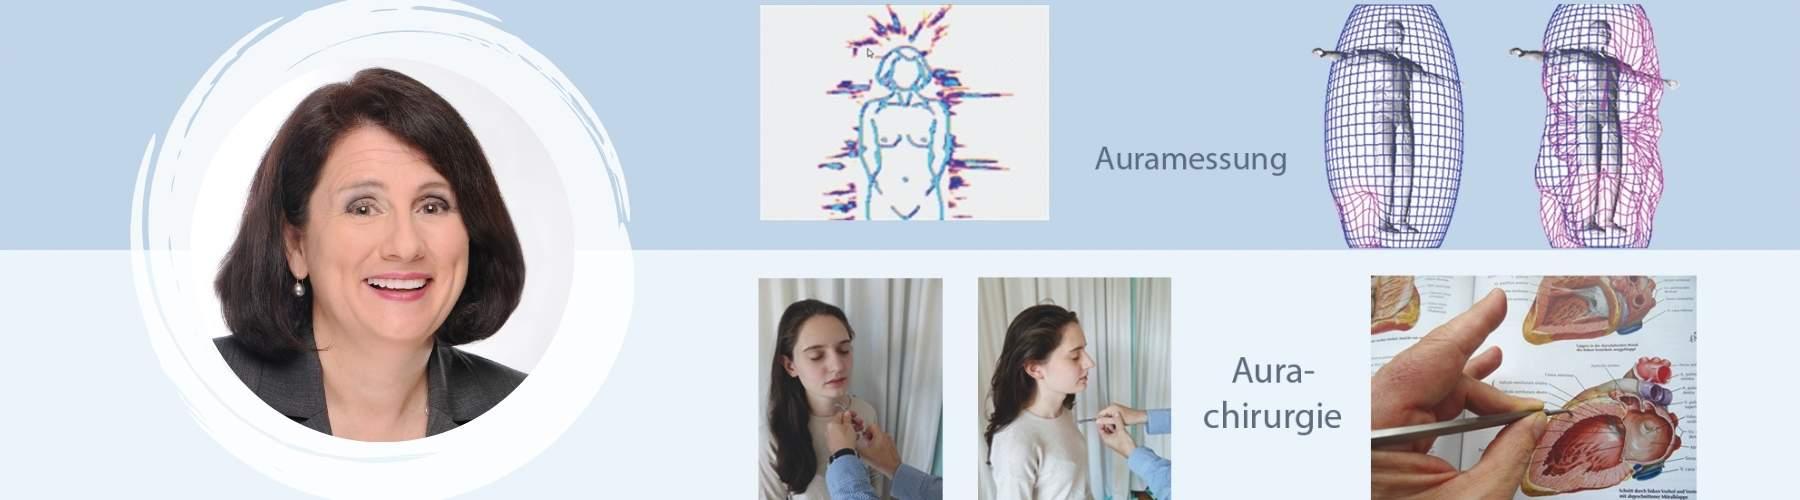 Karin Hafen - Aurachirurgie Einzelsitzung